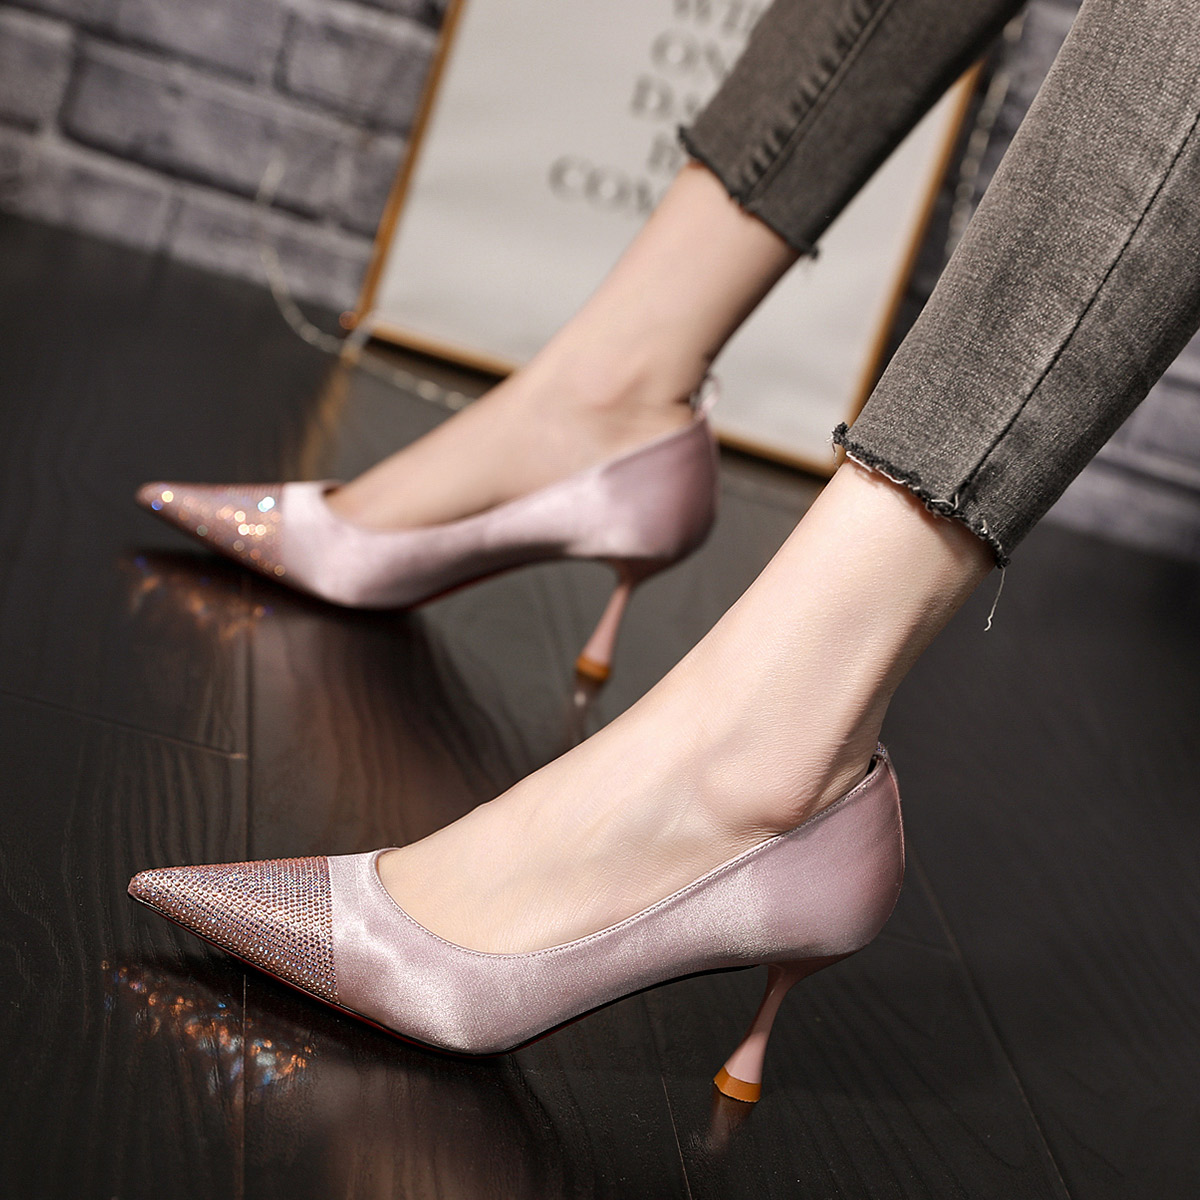 粉红色高跟鞋 小香风高跟鞋女细跟2020新款百搭性感气质女鞋水钻粉红色尖头单鞋_推荐淘宝好看的粉红色高跟鞋